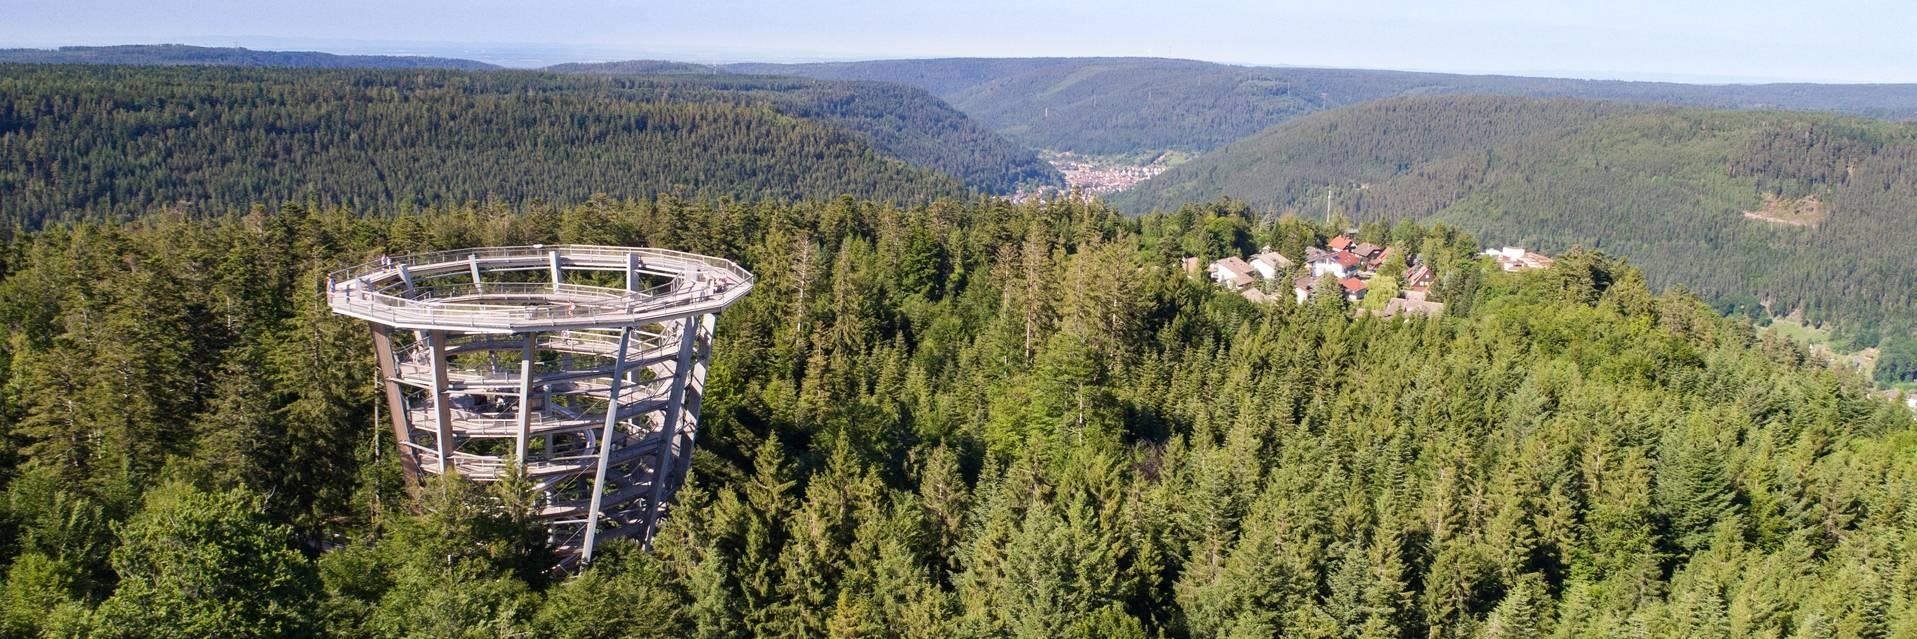 Wieża widokowa w Schwarzwaldzie w Niemczech